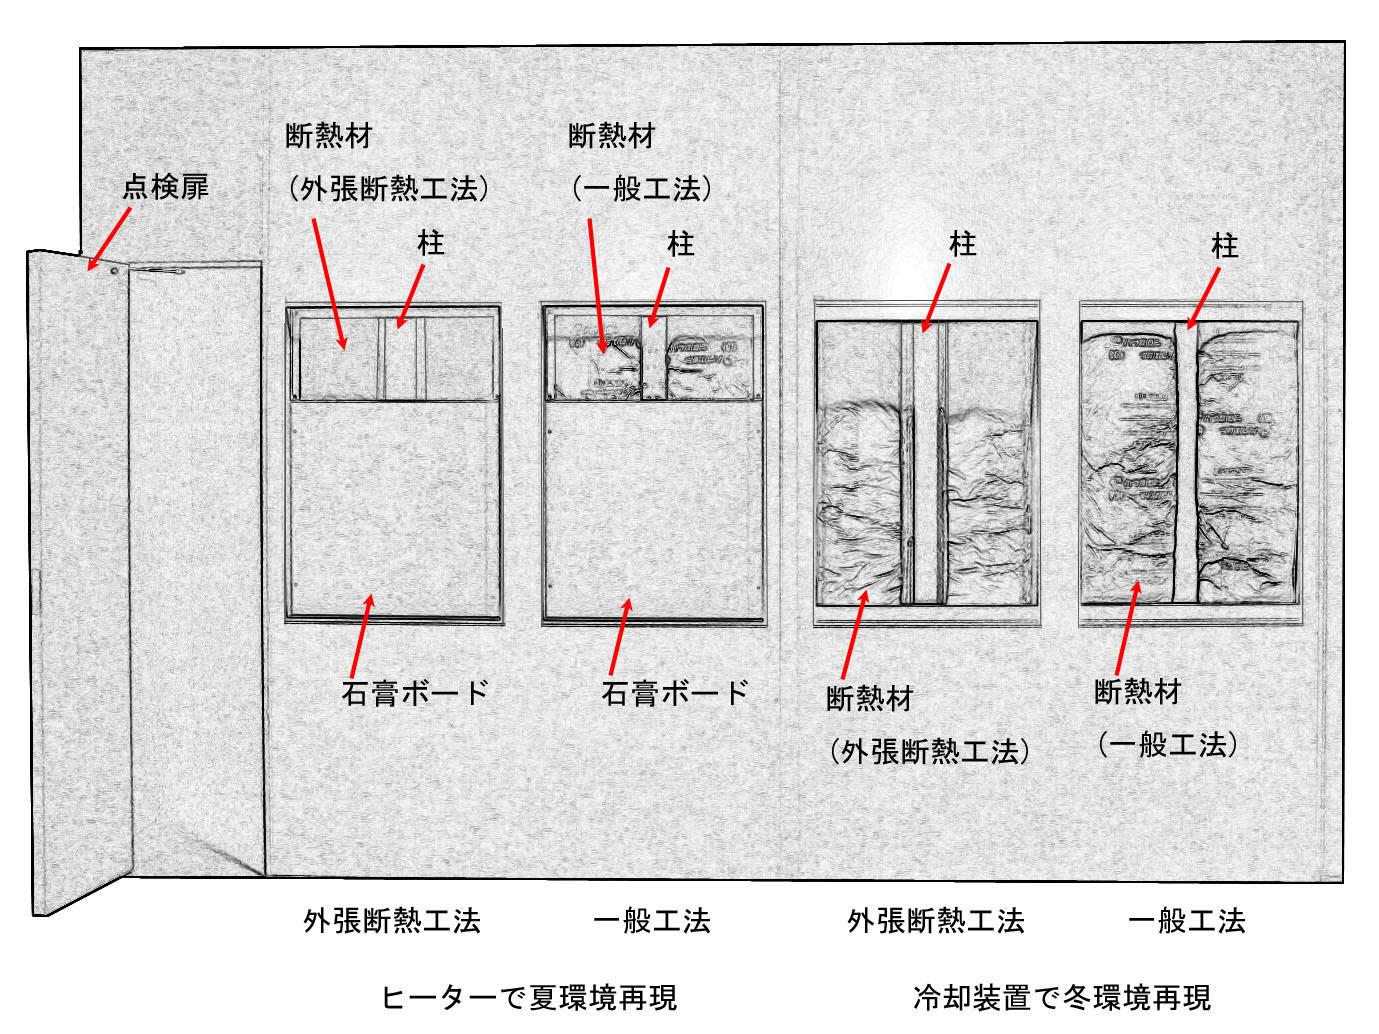 112 外張断熱壁 効果体験装置